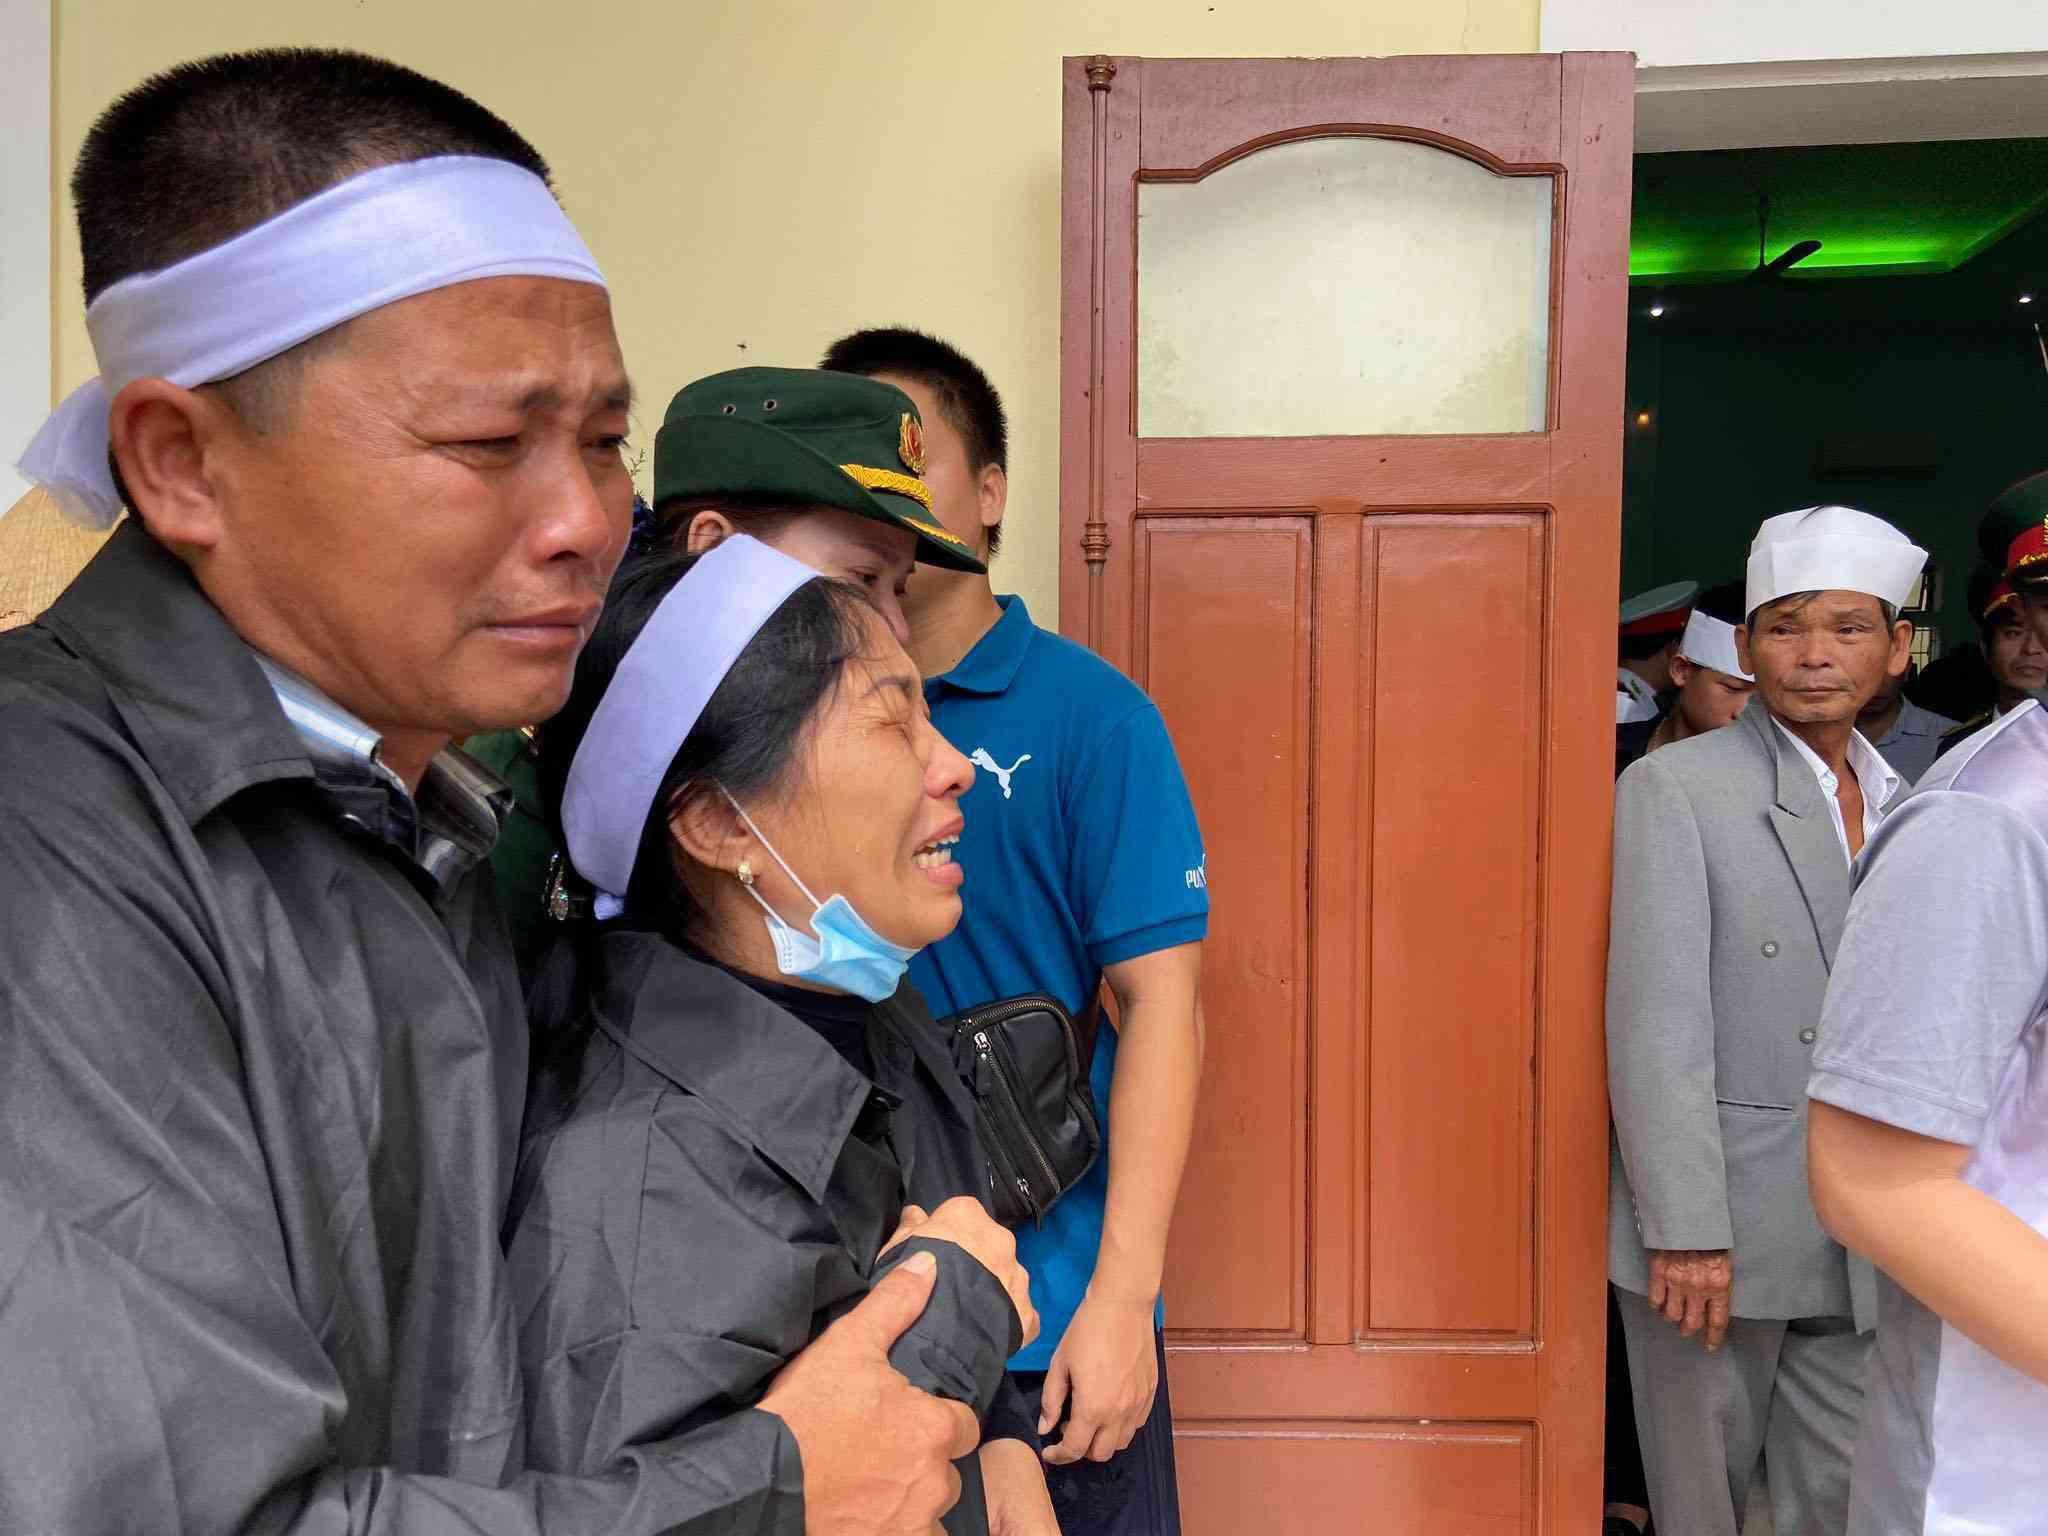 Tin tức 24h: Thắt lòng cảnh vợ Chủ tịch huyện thẫn thờ đứng cạnh di ảnh chờ chồng - 1